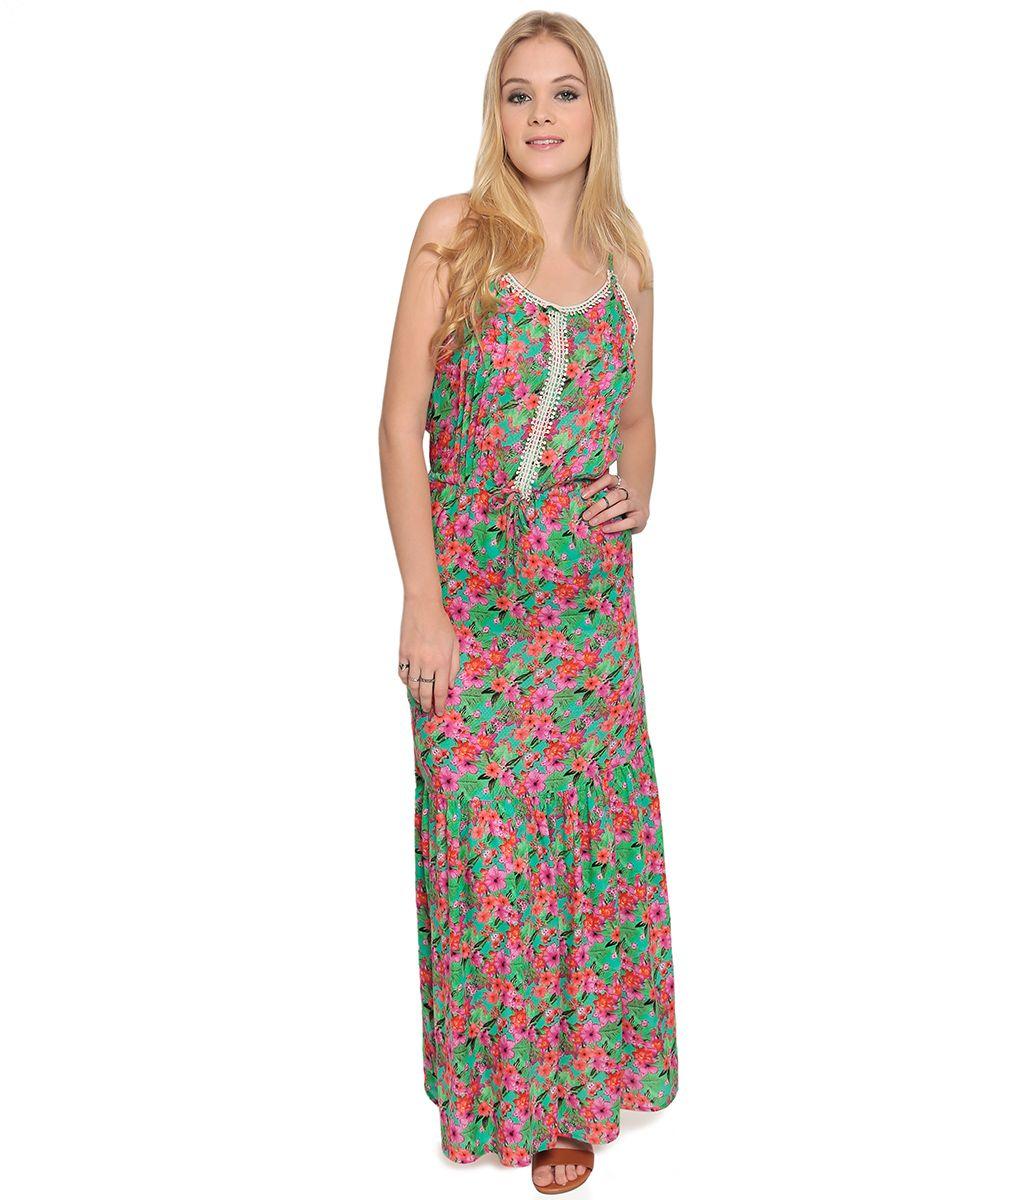 ae06e5bf4e Vestido Longo Feminino Floral - Lojas Renner